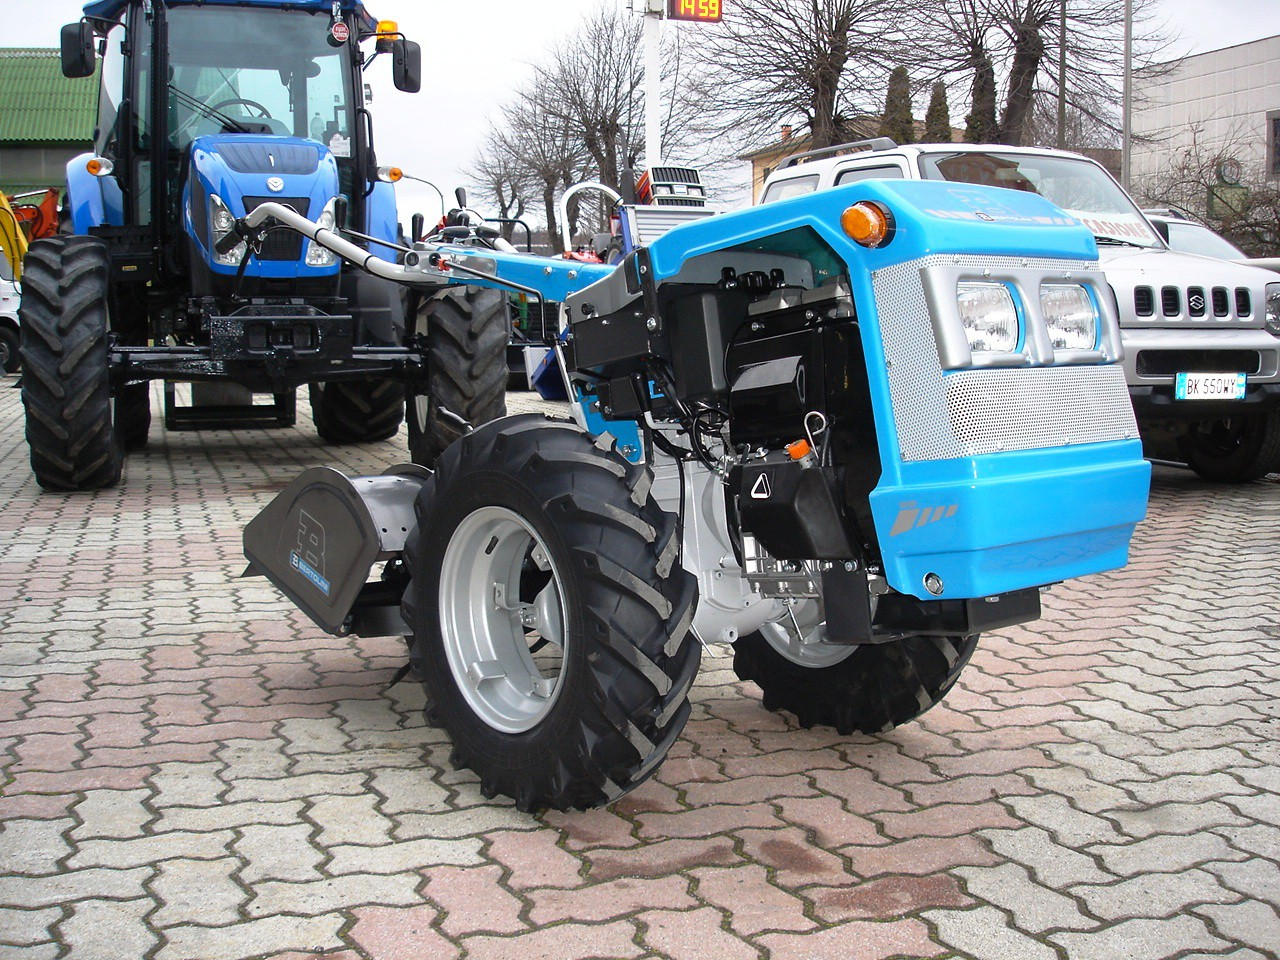 motocoltivatore 18 cv usato trattore motocoltivatore